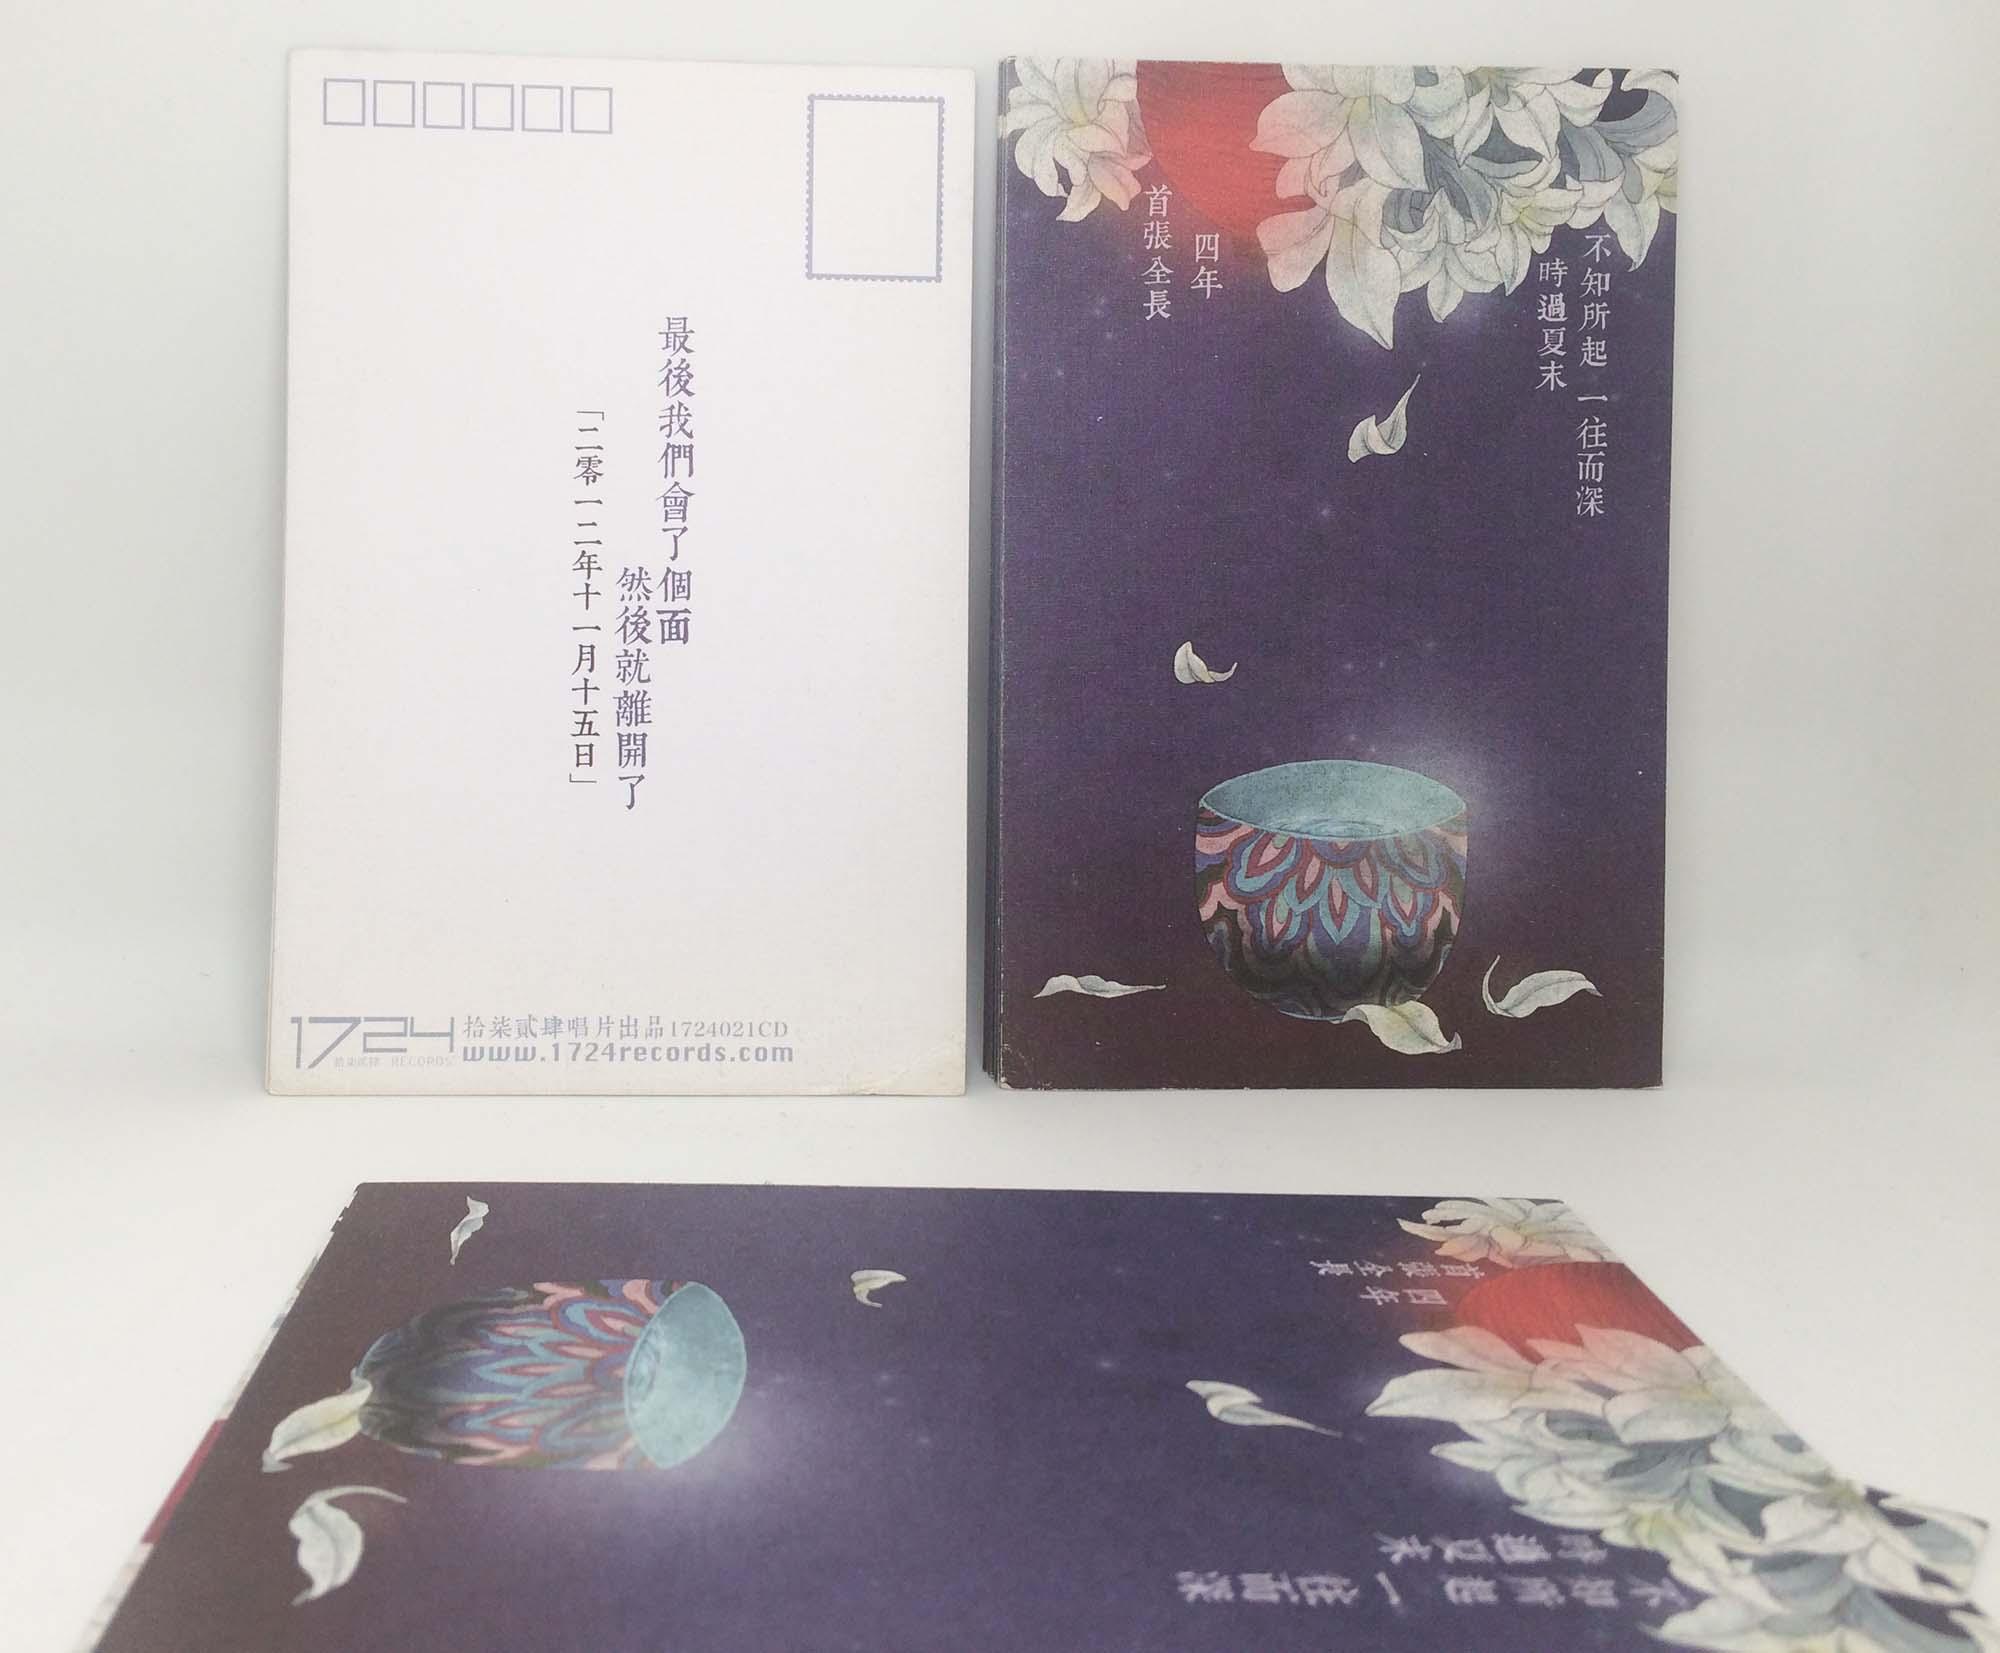 时过夏末2012专辑纪念明信片